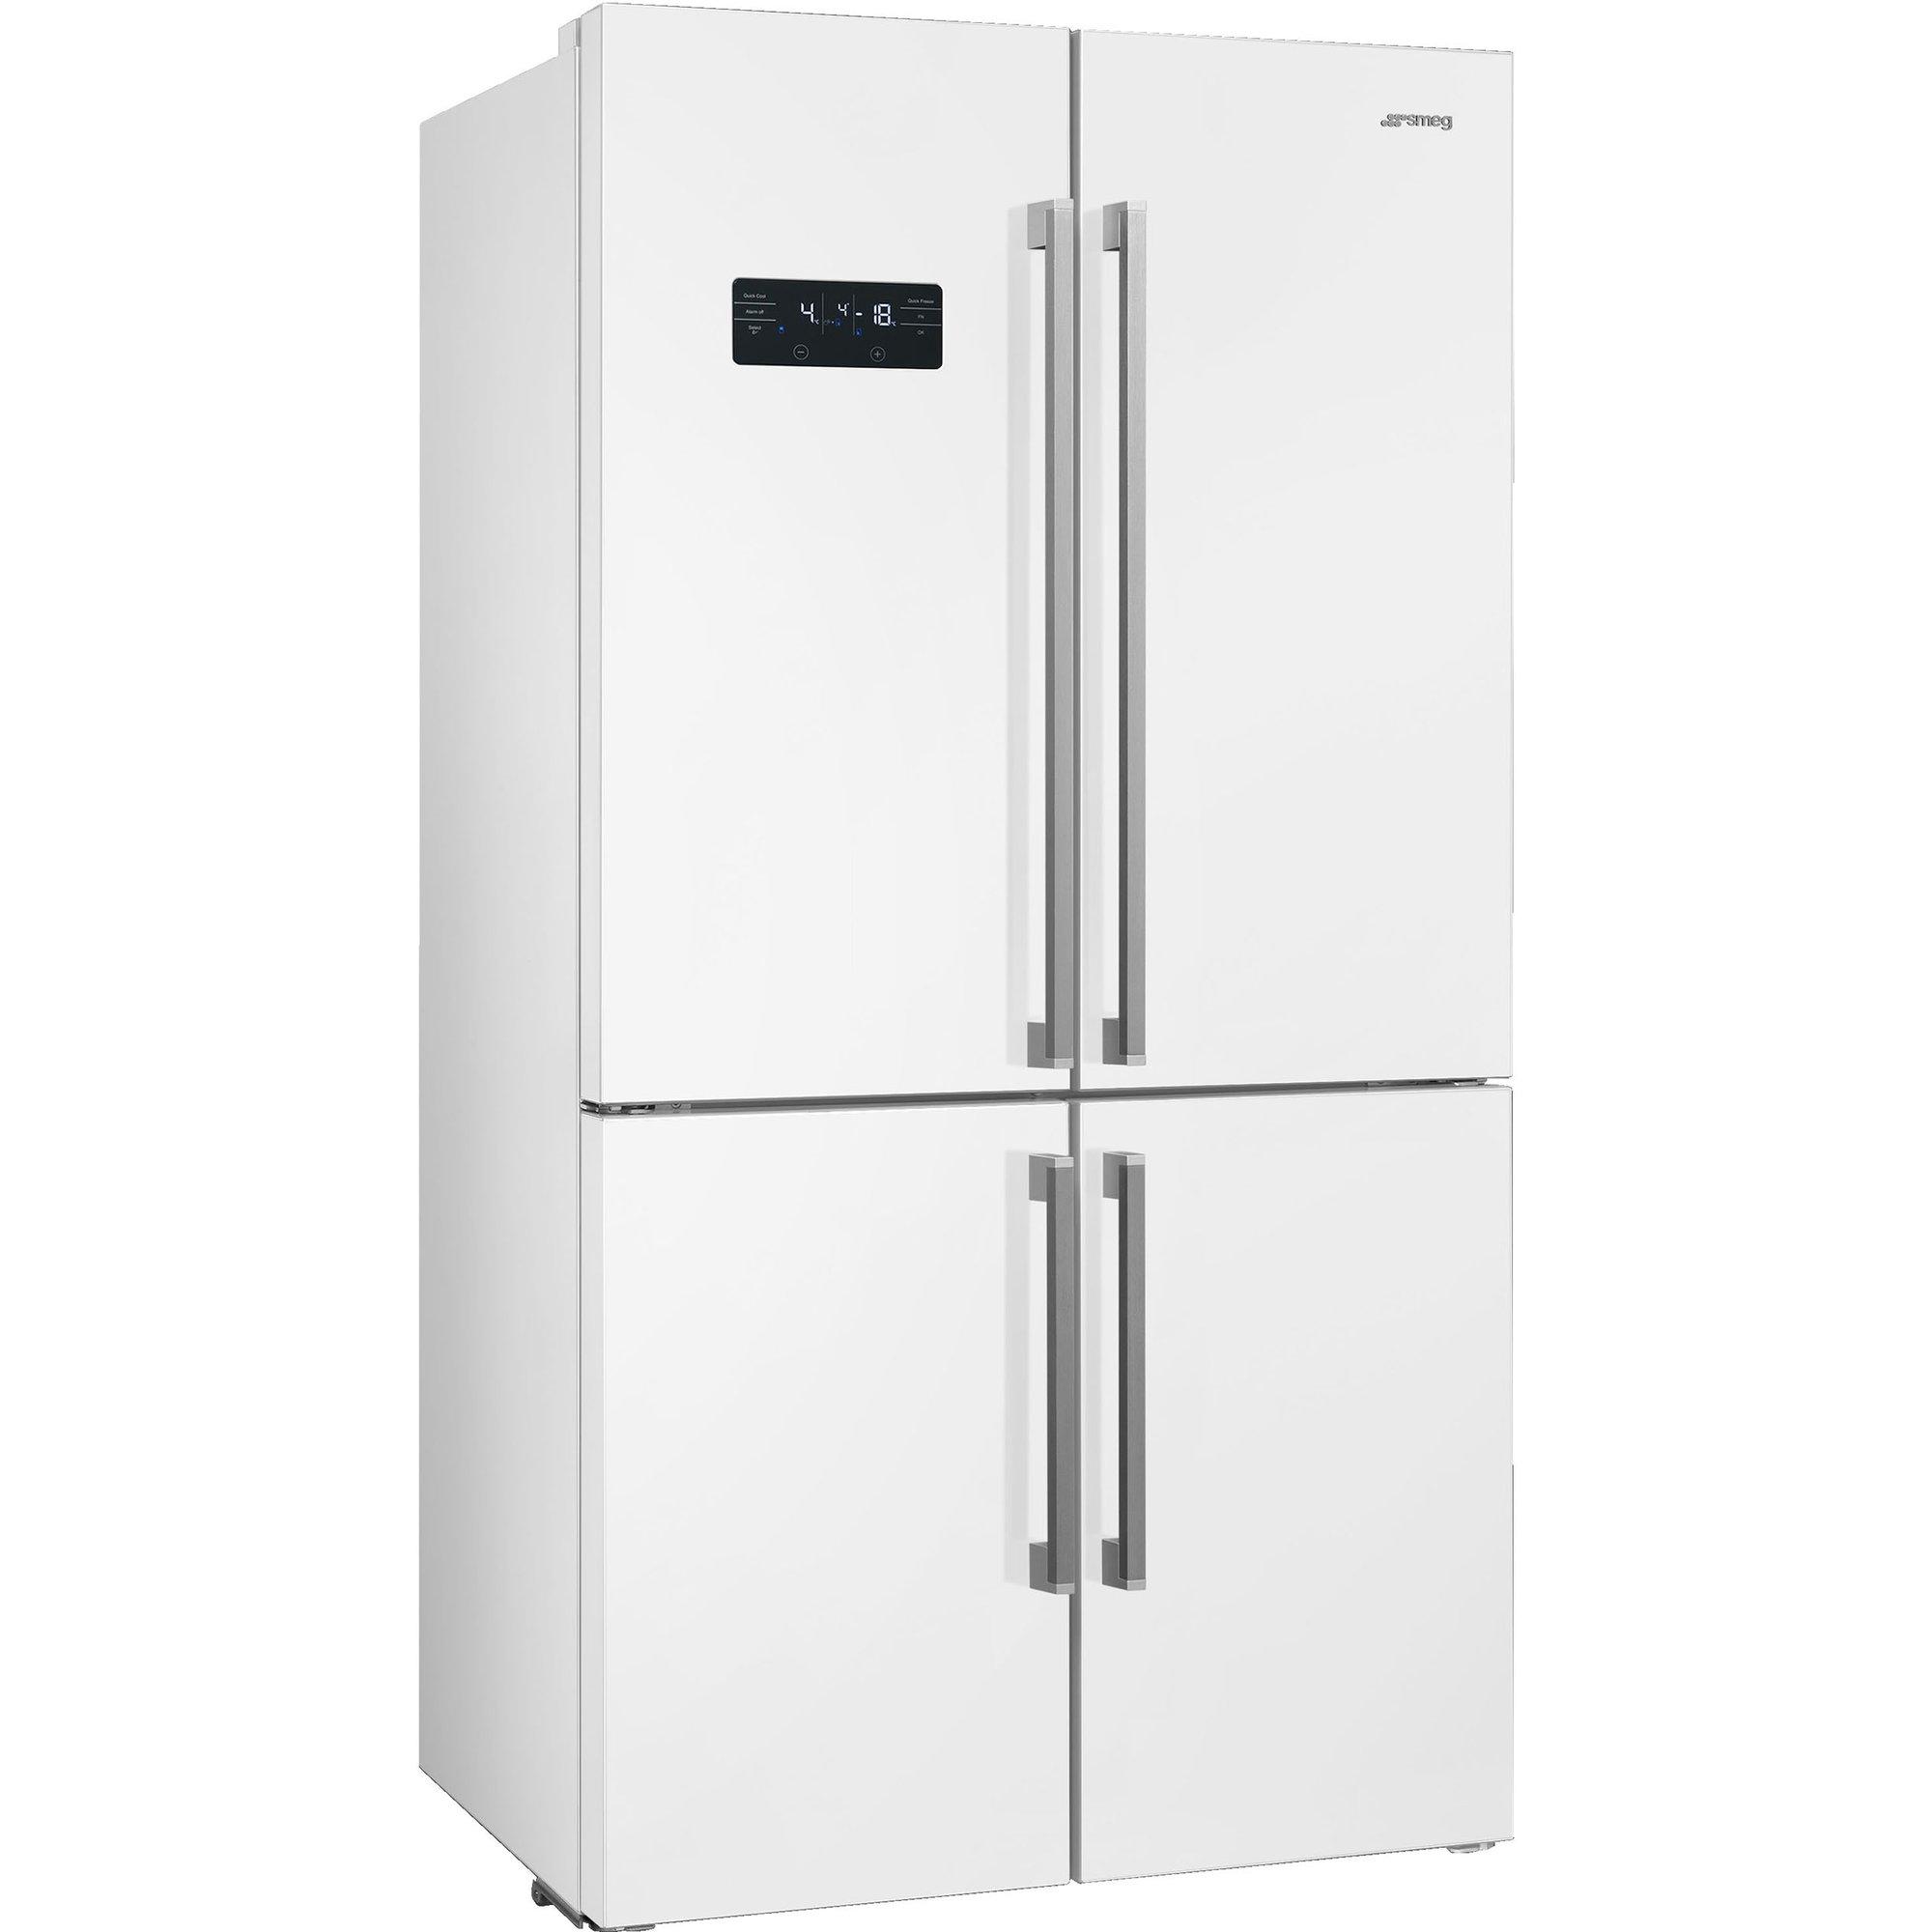 Smeg Kylskåp/frys med 4 dörrar No frost – Vit